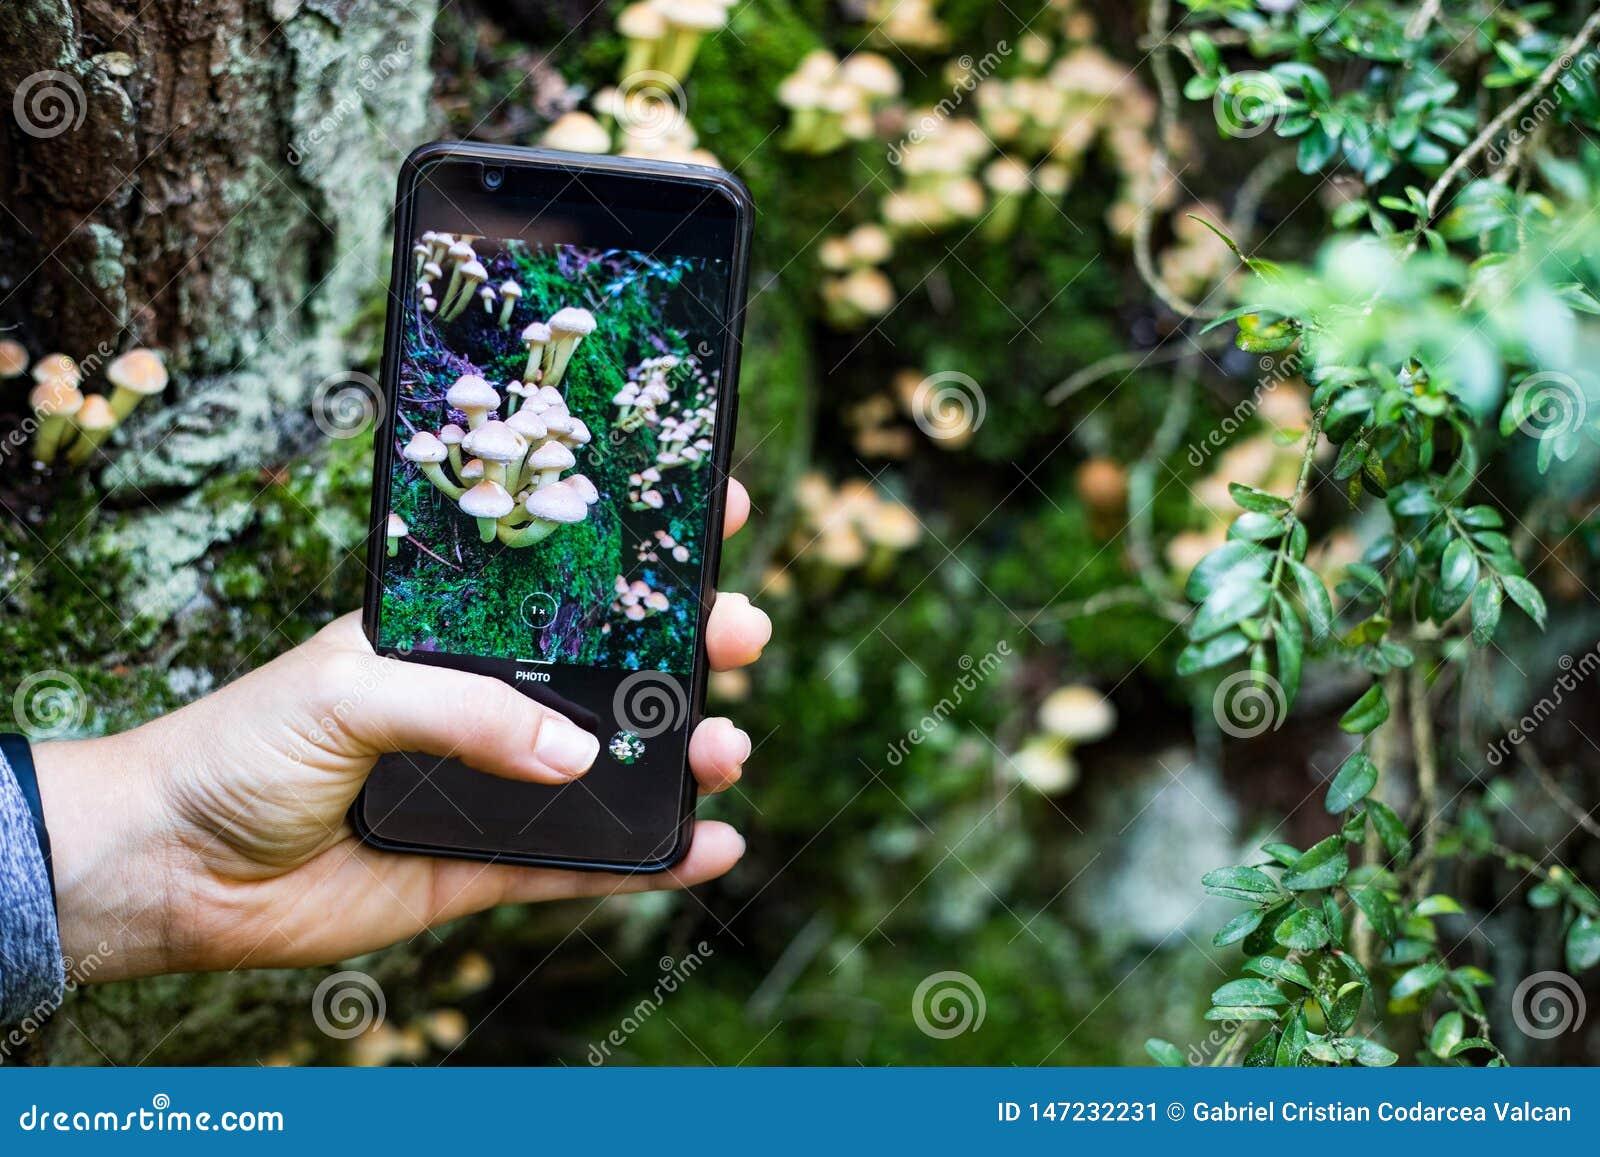 Prendre une photo des champignons avec un téléphone intelligent